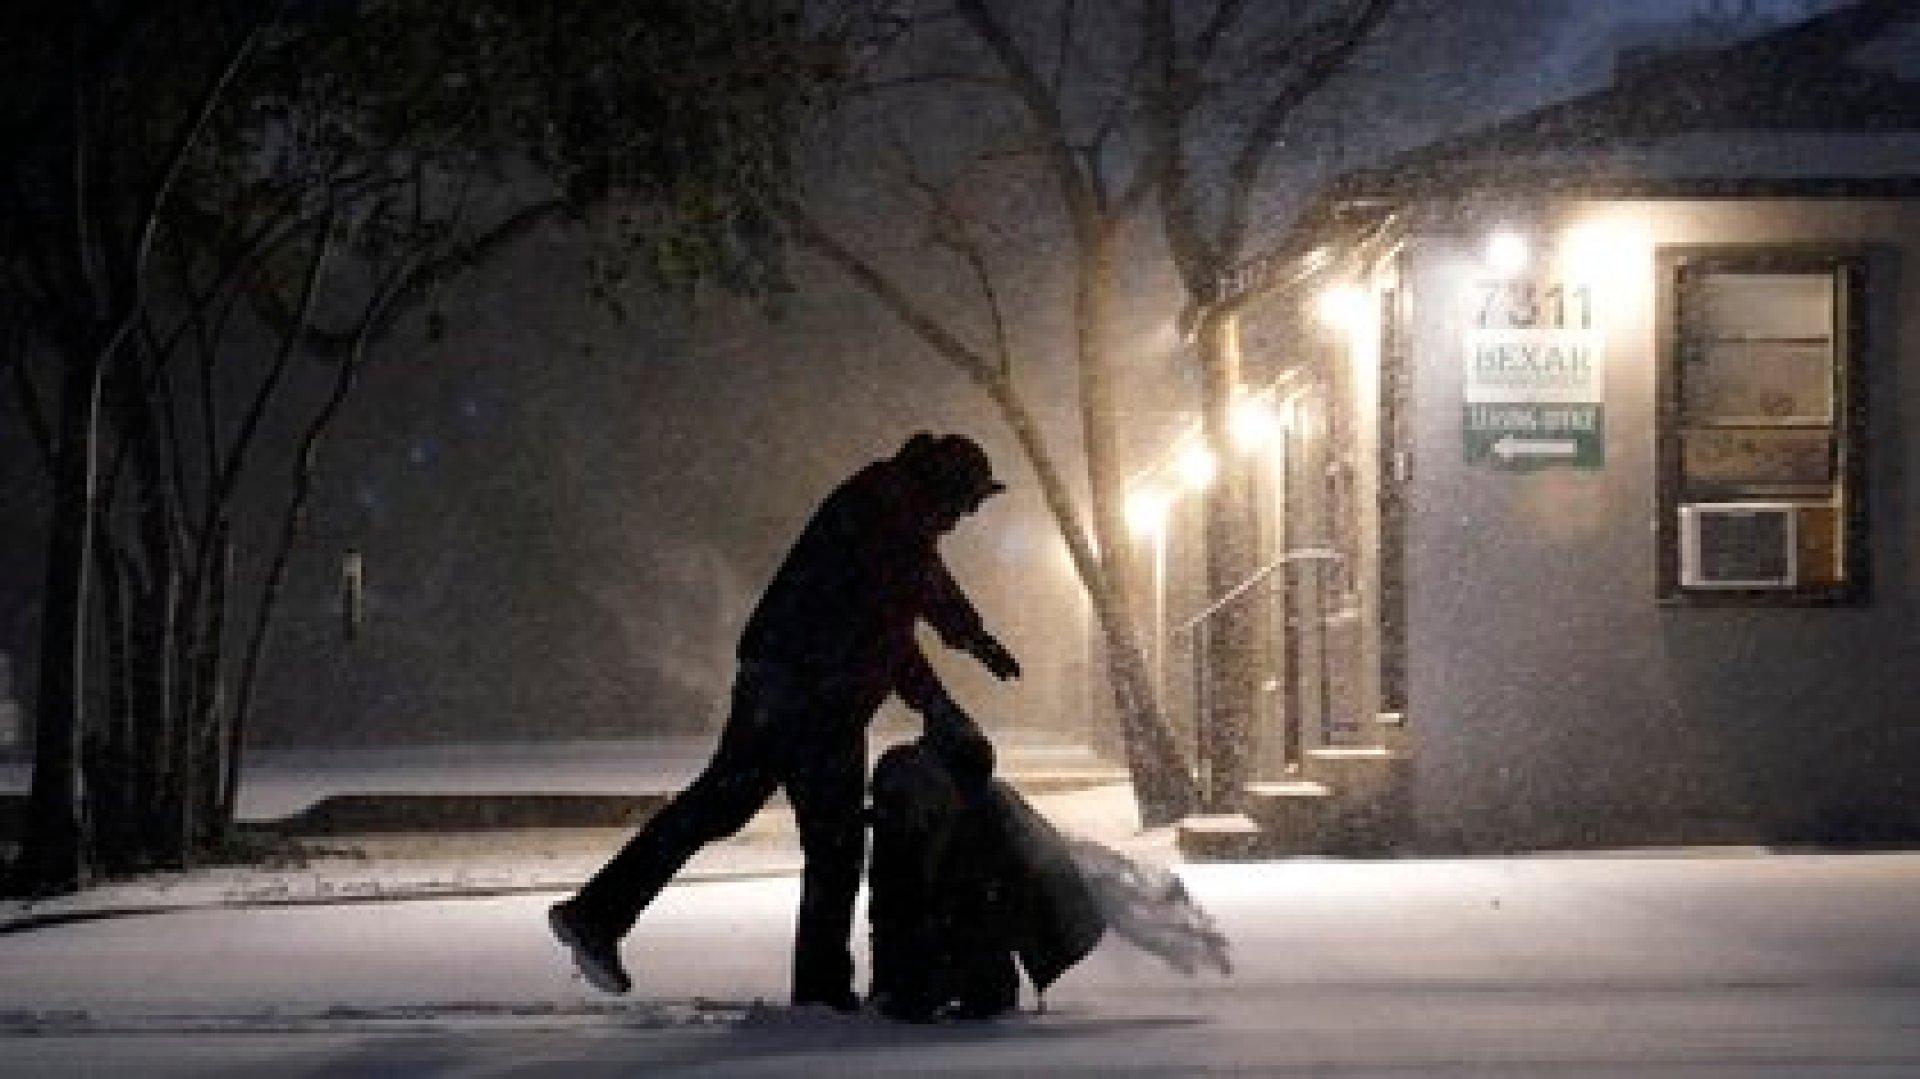 Un hombre caminando en la noche nevada de San Antonio, Texas (AP Photo/Eric Gay)